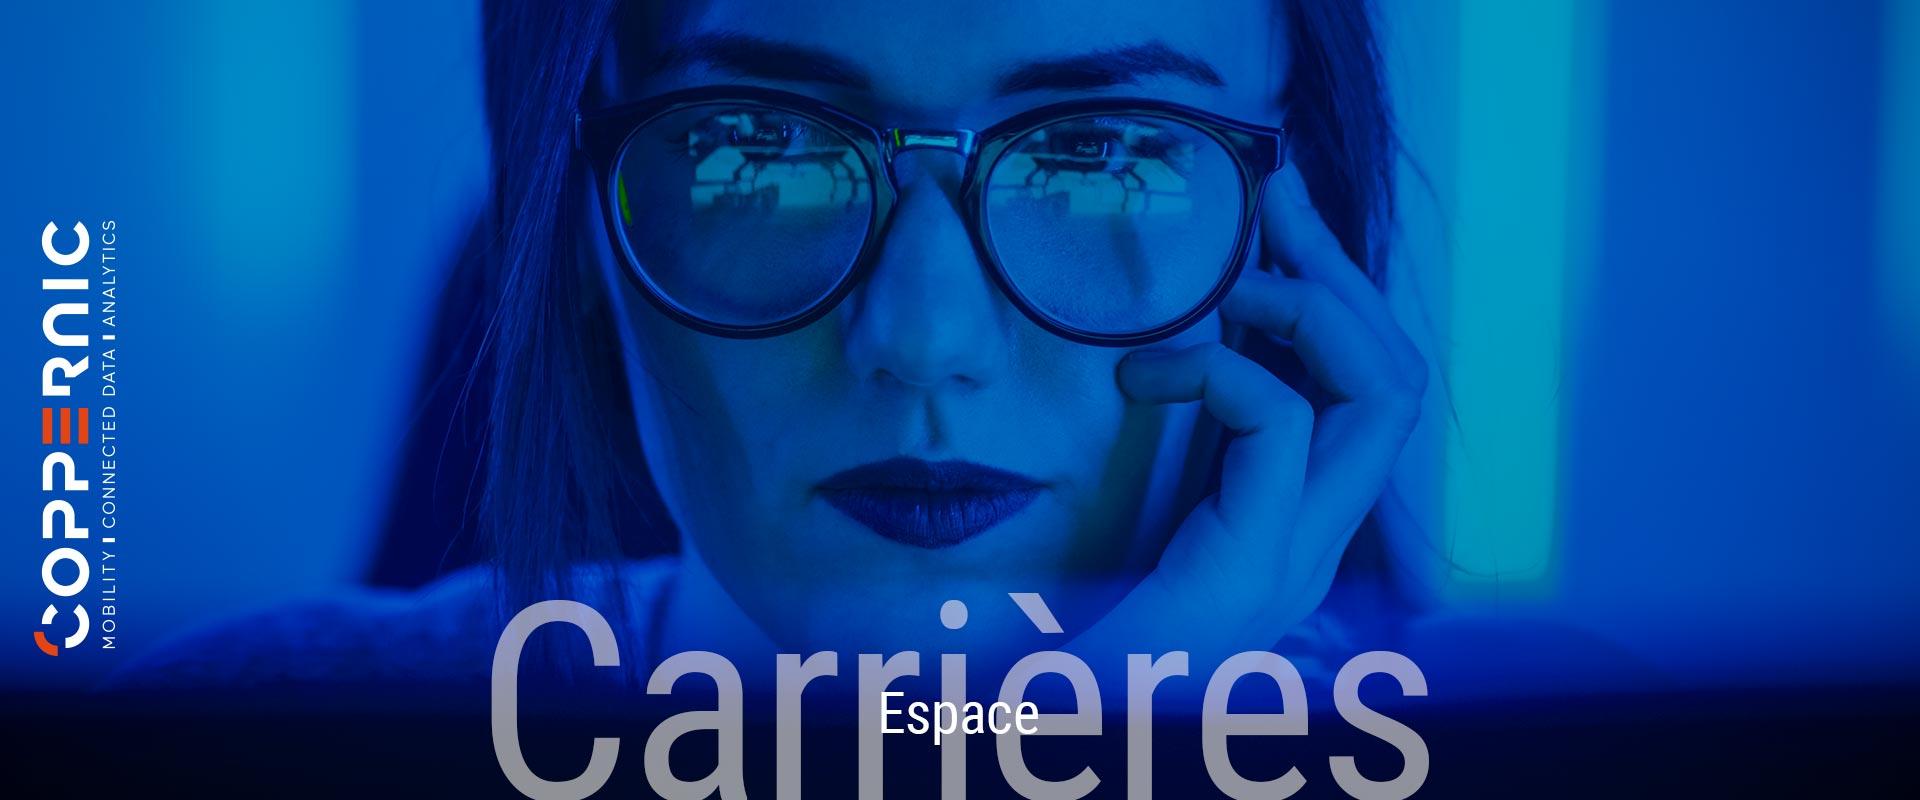 Coppernic Carrières